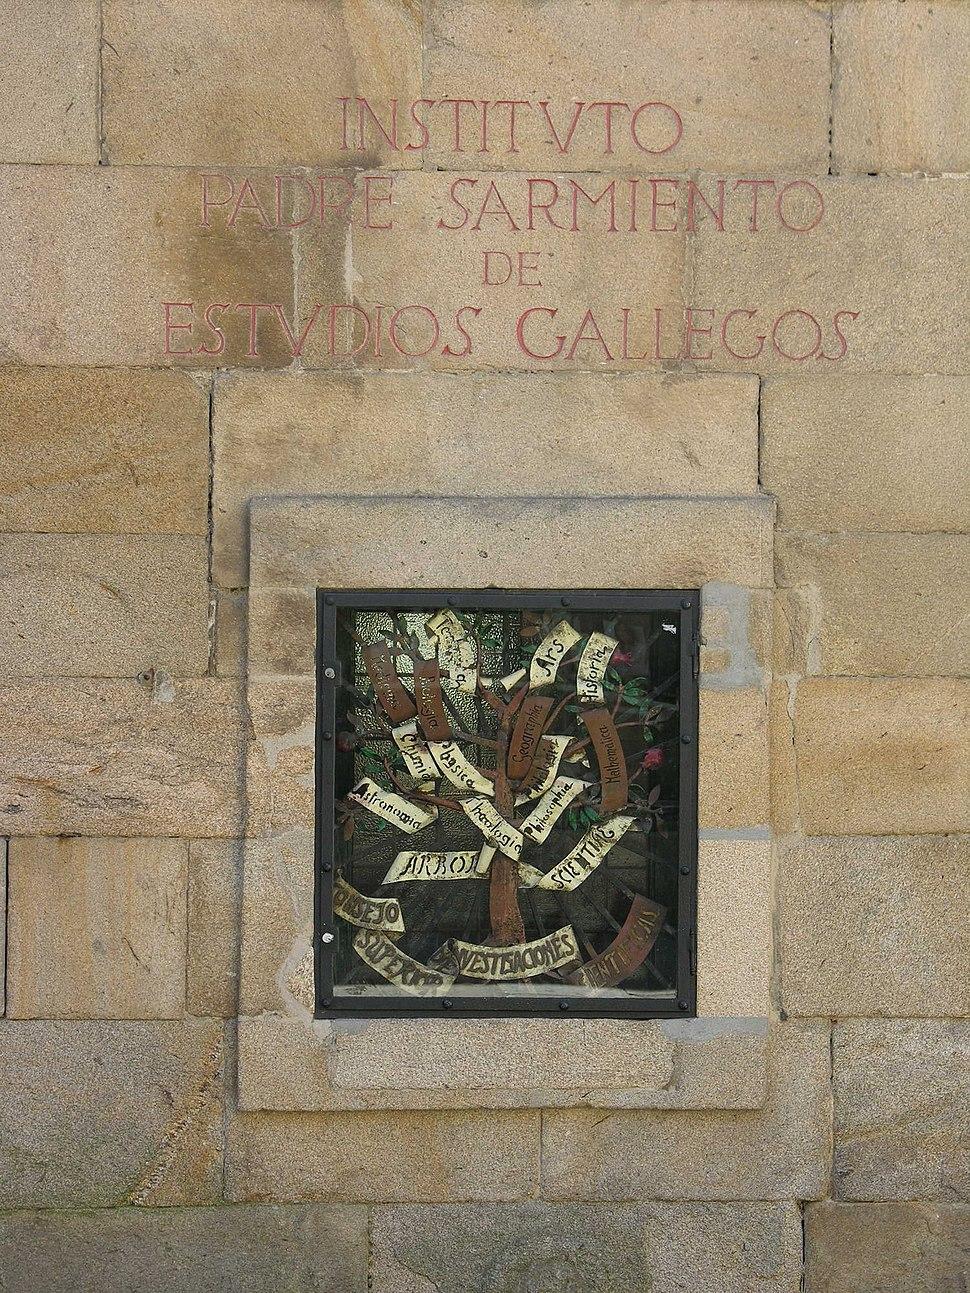 Instituto Padre Sarmiento de Estudos Galegos 2